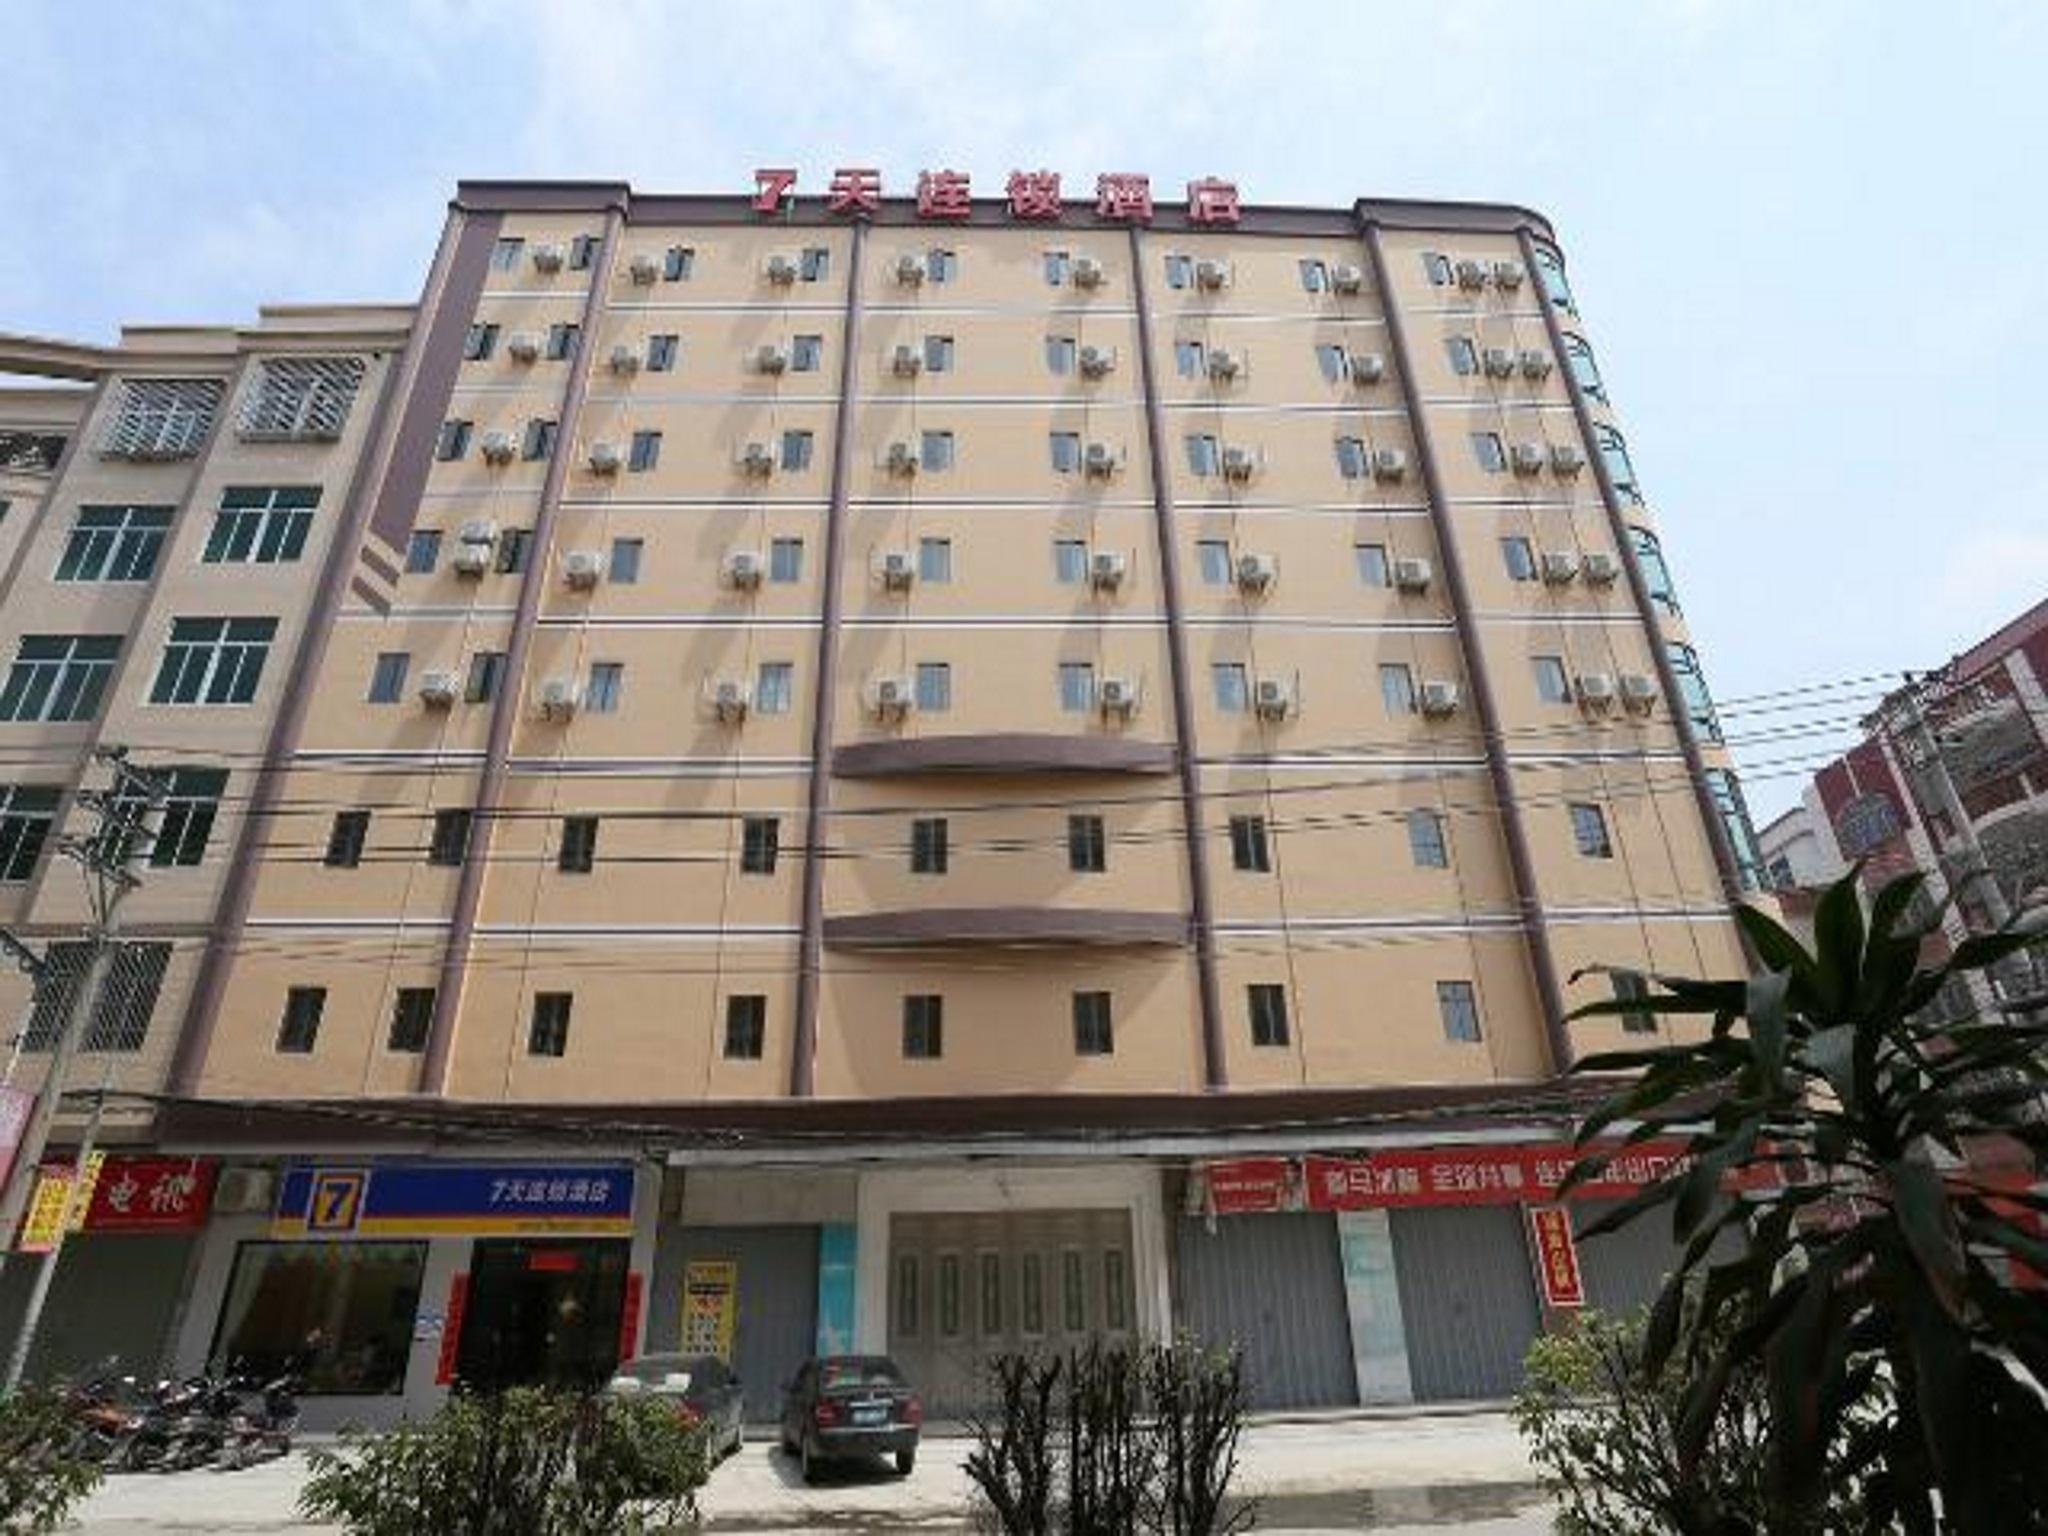 Shantou Hotels Reservation